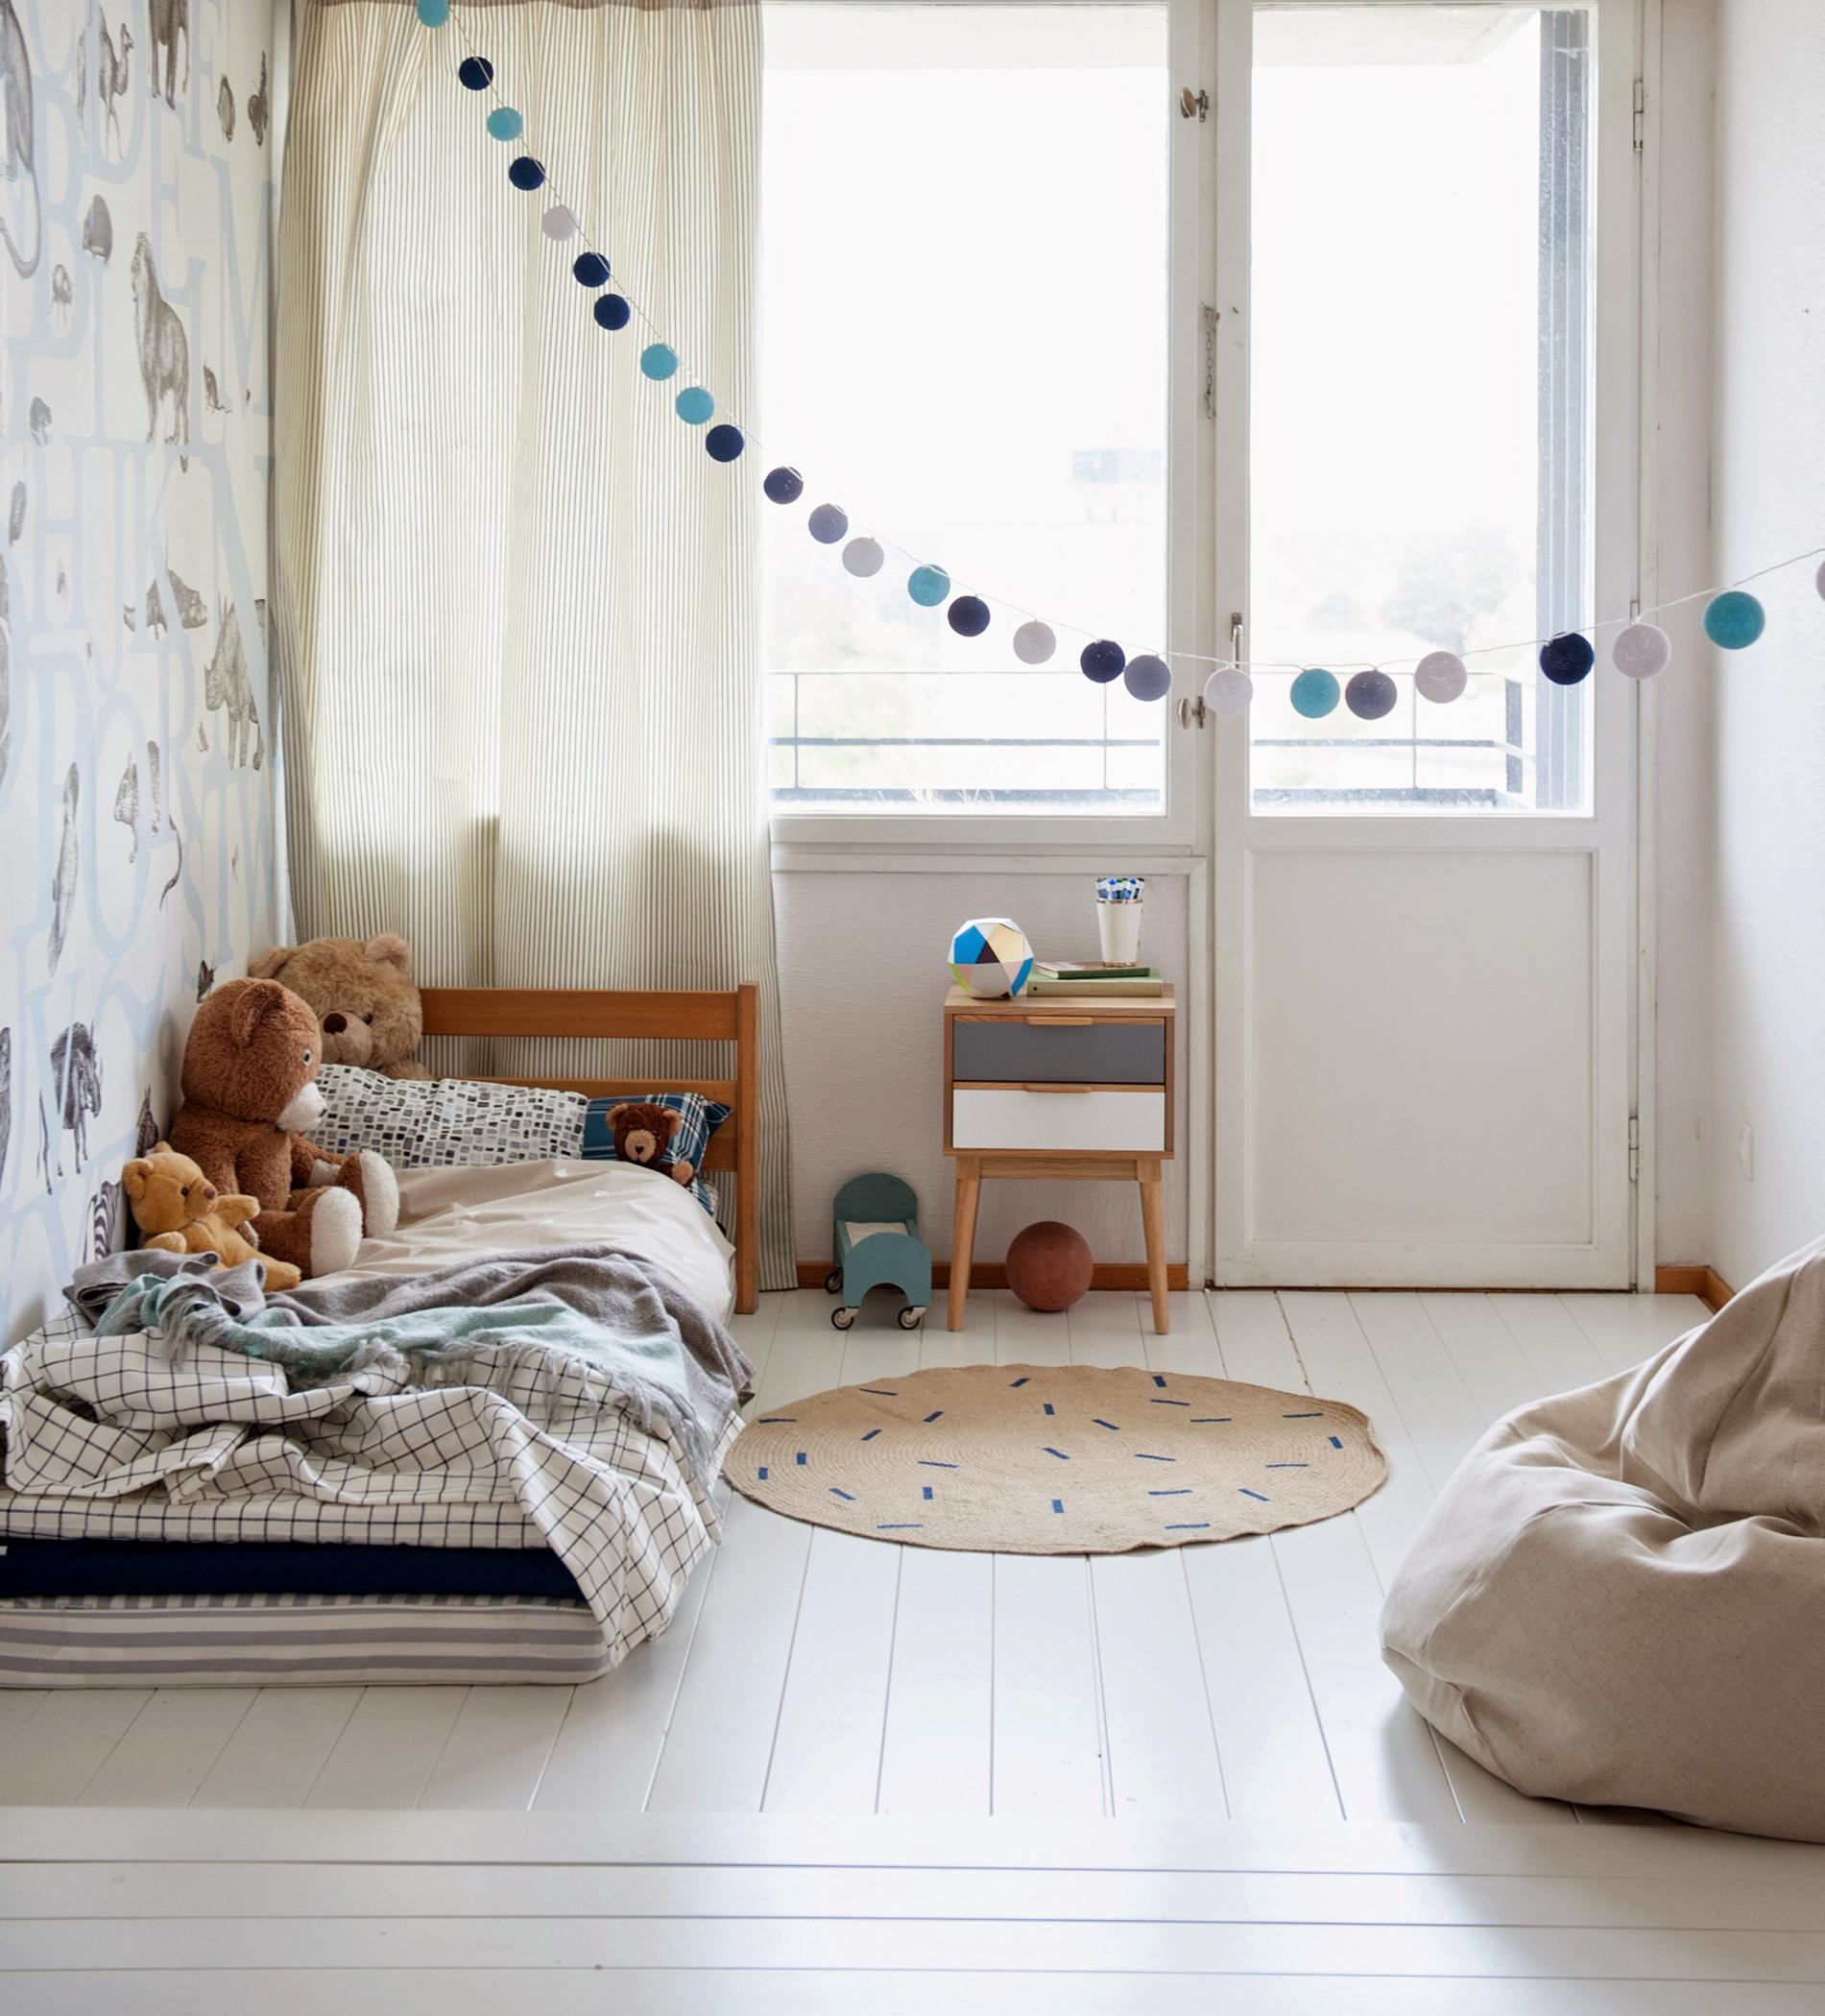 Full Size of Runder Teppich Kinderzimmer Bilder Ideen Couch Regal Schlafzimmer Bad Esstisch Steinteppich Sofa Wohnzimmer Teppiche Badezimmer Regale Weiß Küche Kinderzimmer Runder Teppich Kinderzimmer